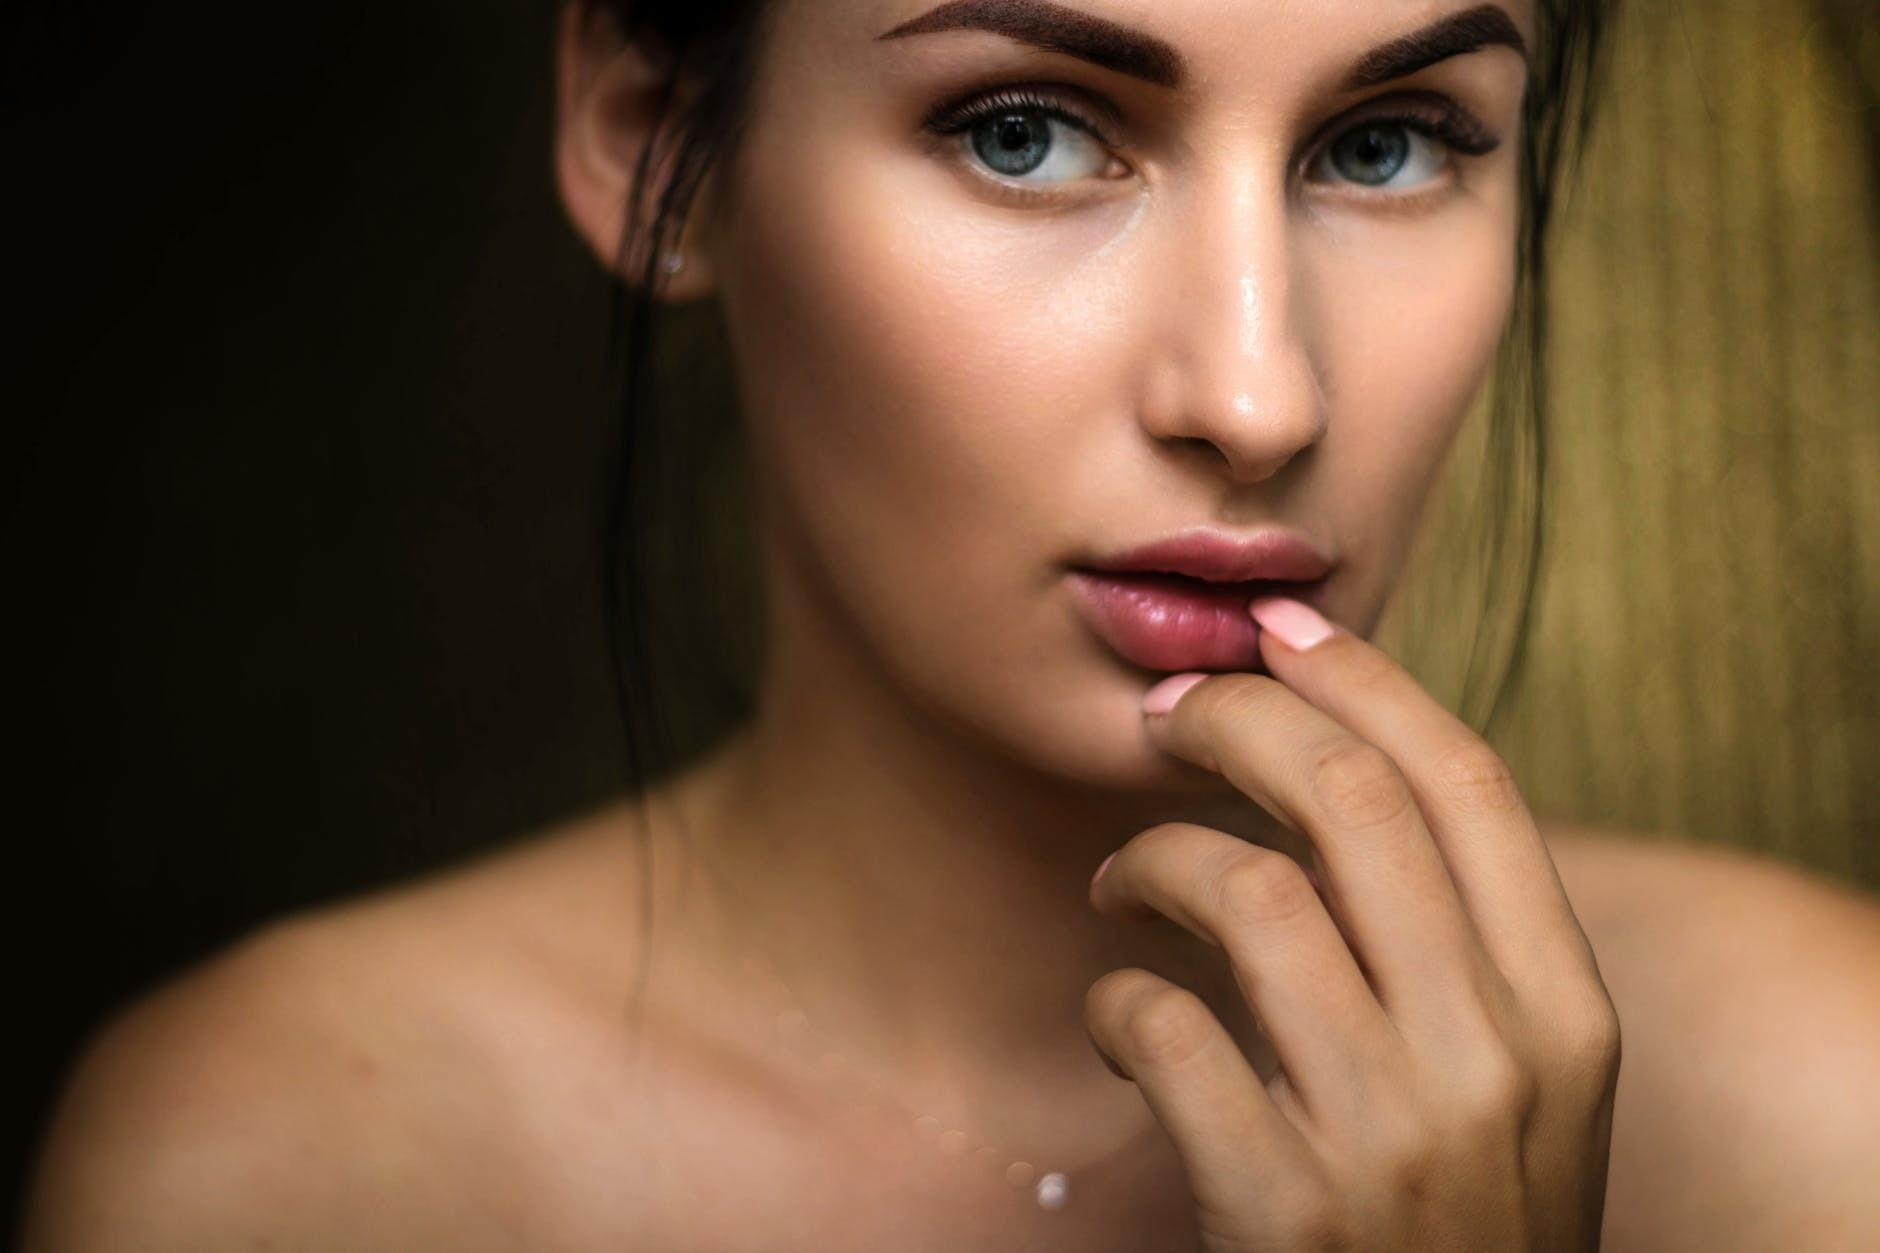 Экстракт гамамелиса в косметологии. Гамамелис – чудодейственное средство для кожи. Экстракт гамамелиса для кожи: рецепты красоты